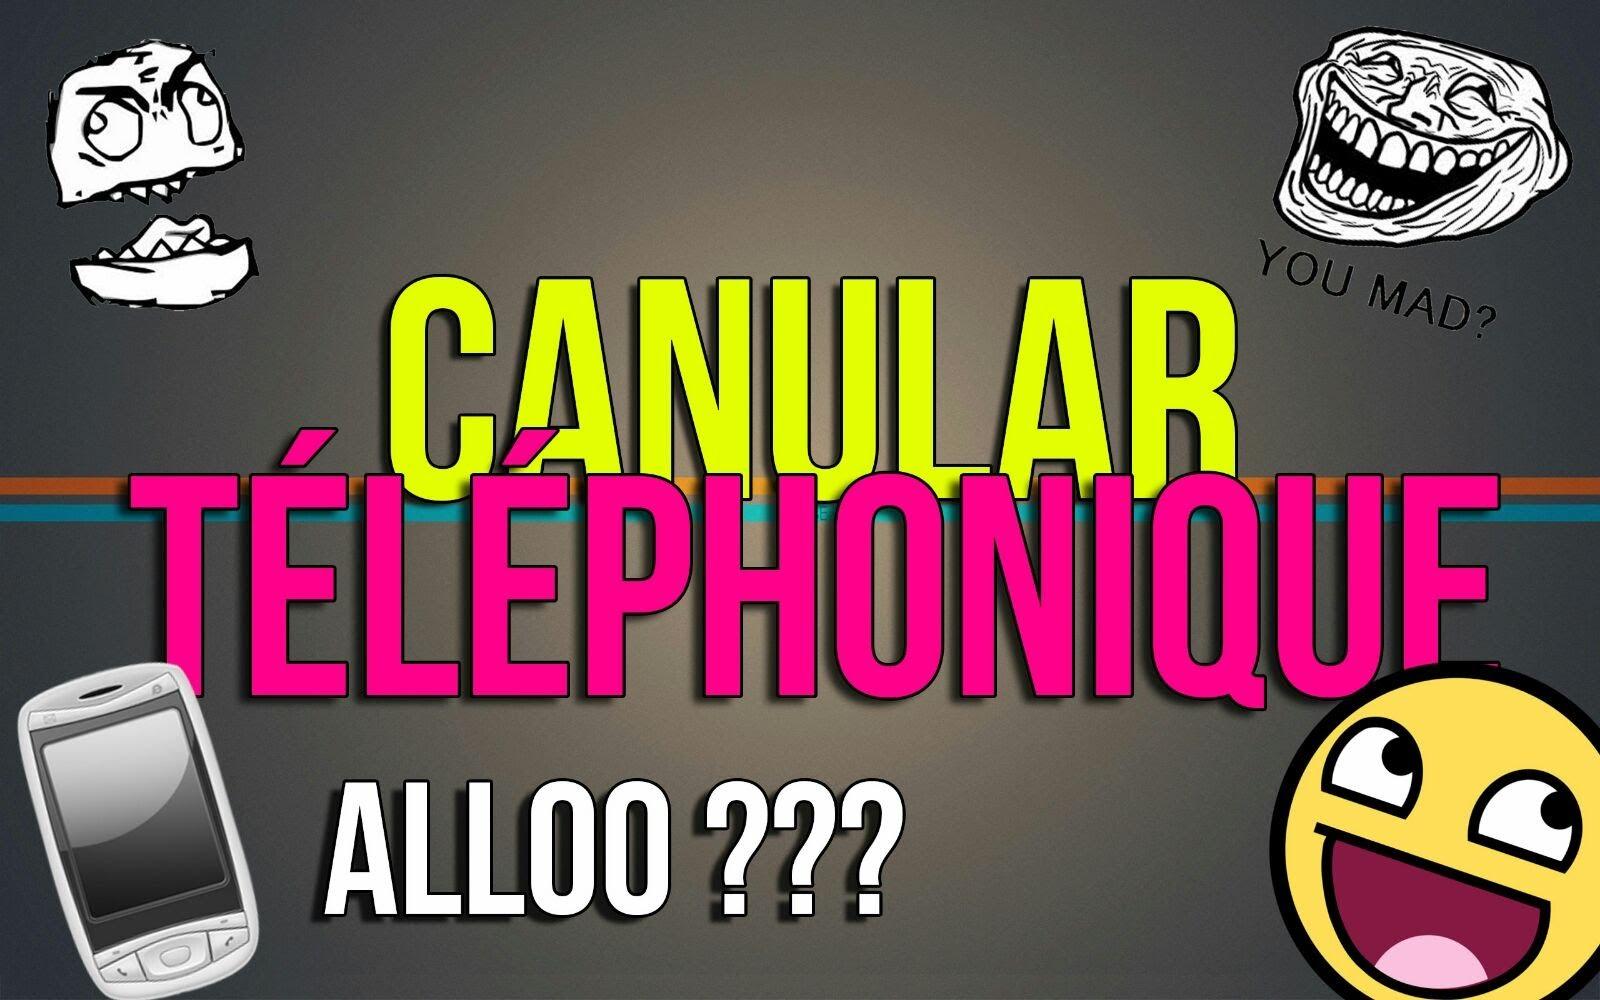 Insolite : Canular téléphonique